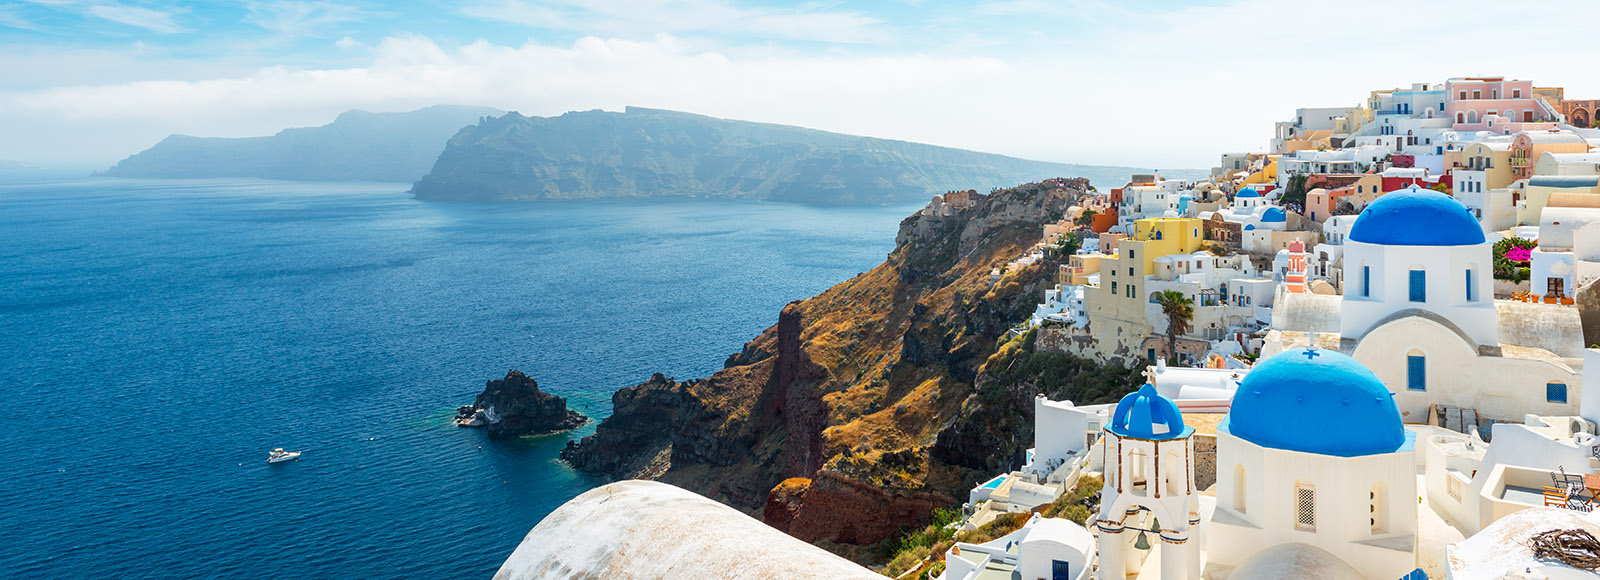 hallo mein lieber griechisch